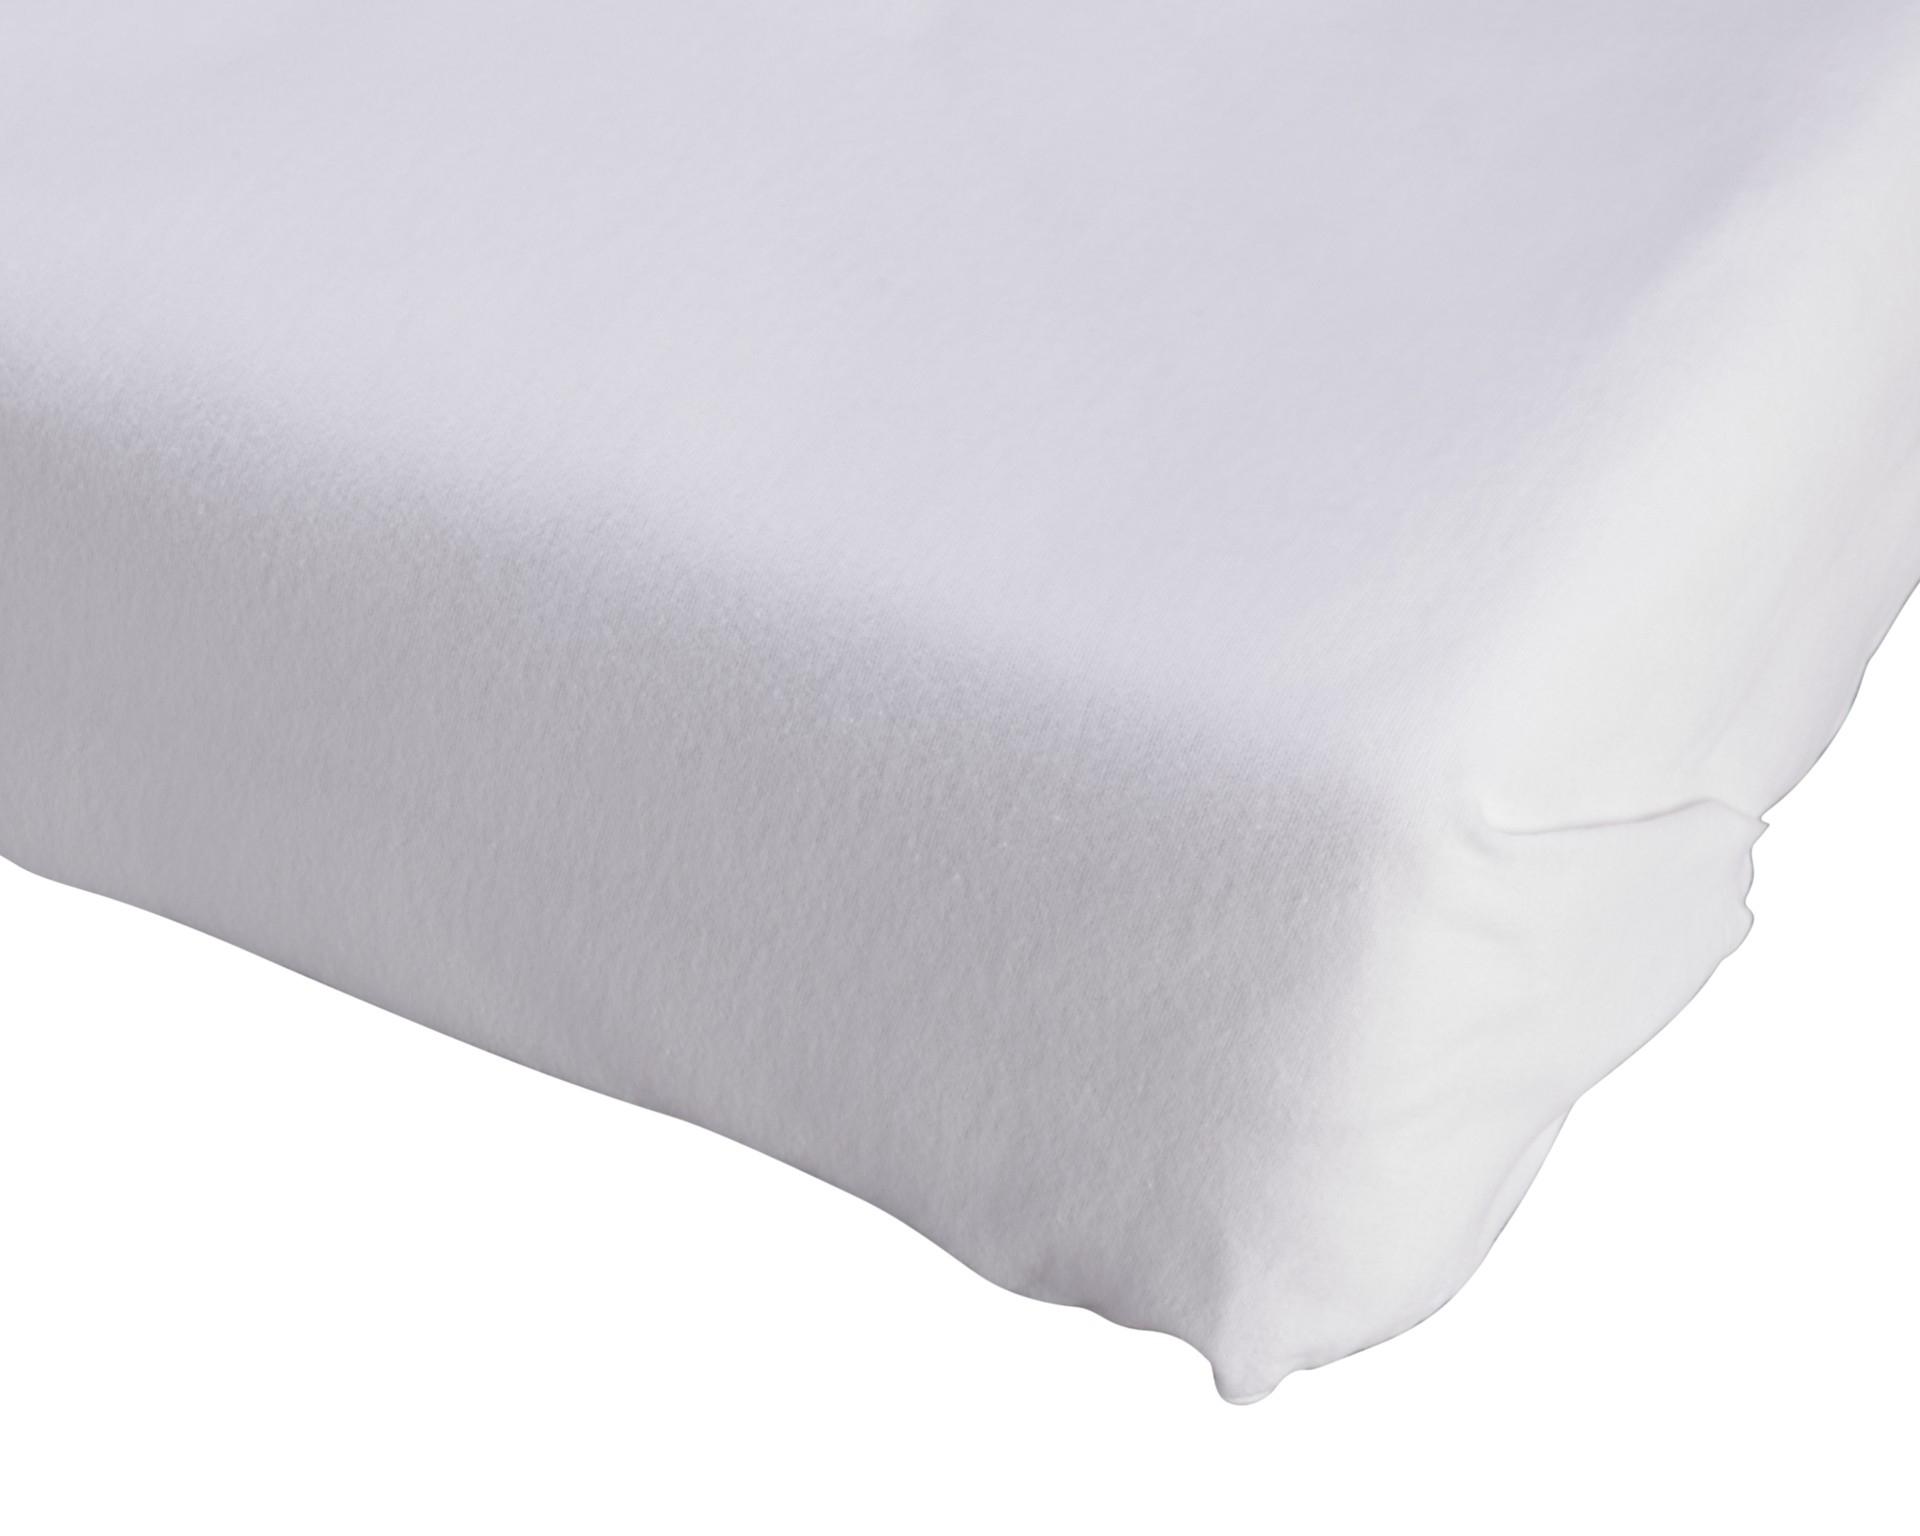 Biber-Bettlaken (150x250, weiß)